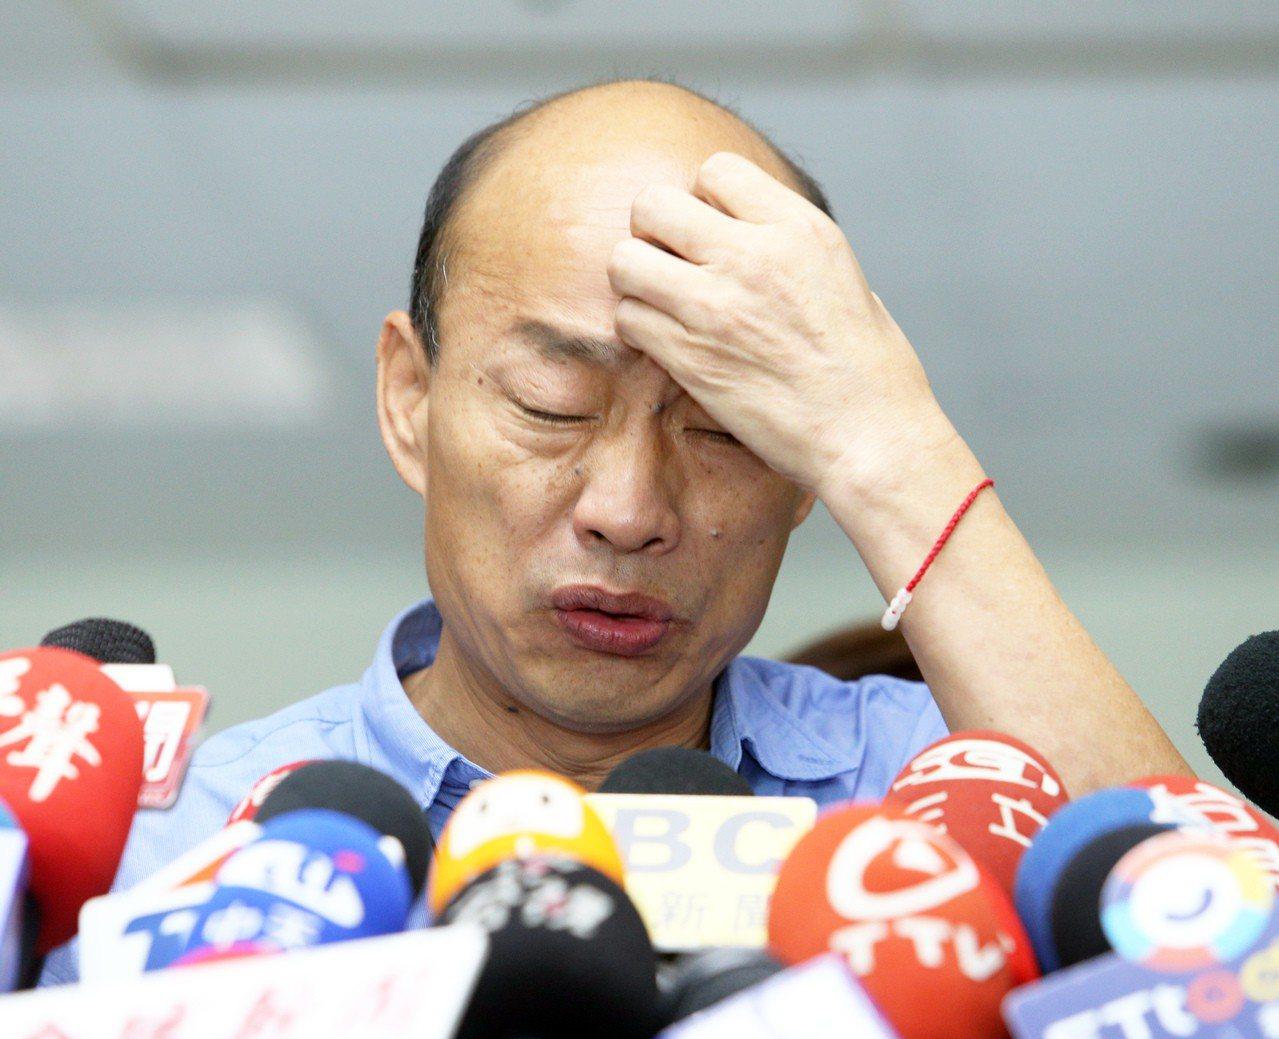 高雄市長韓國瑜說,麻煩抹黑他的人「能不能也周休二日休息一下」。 圖/聯合報系資料...